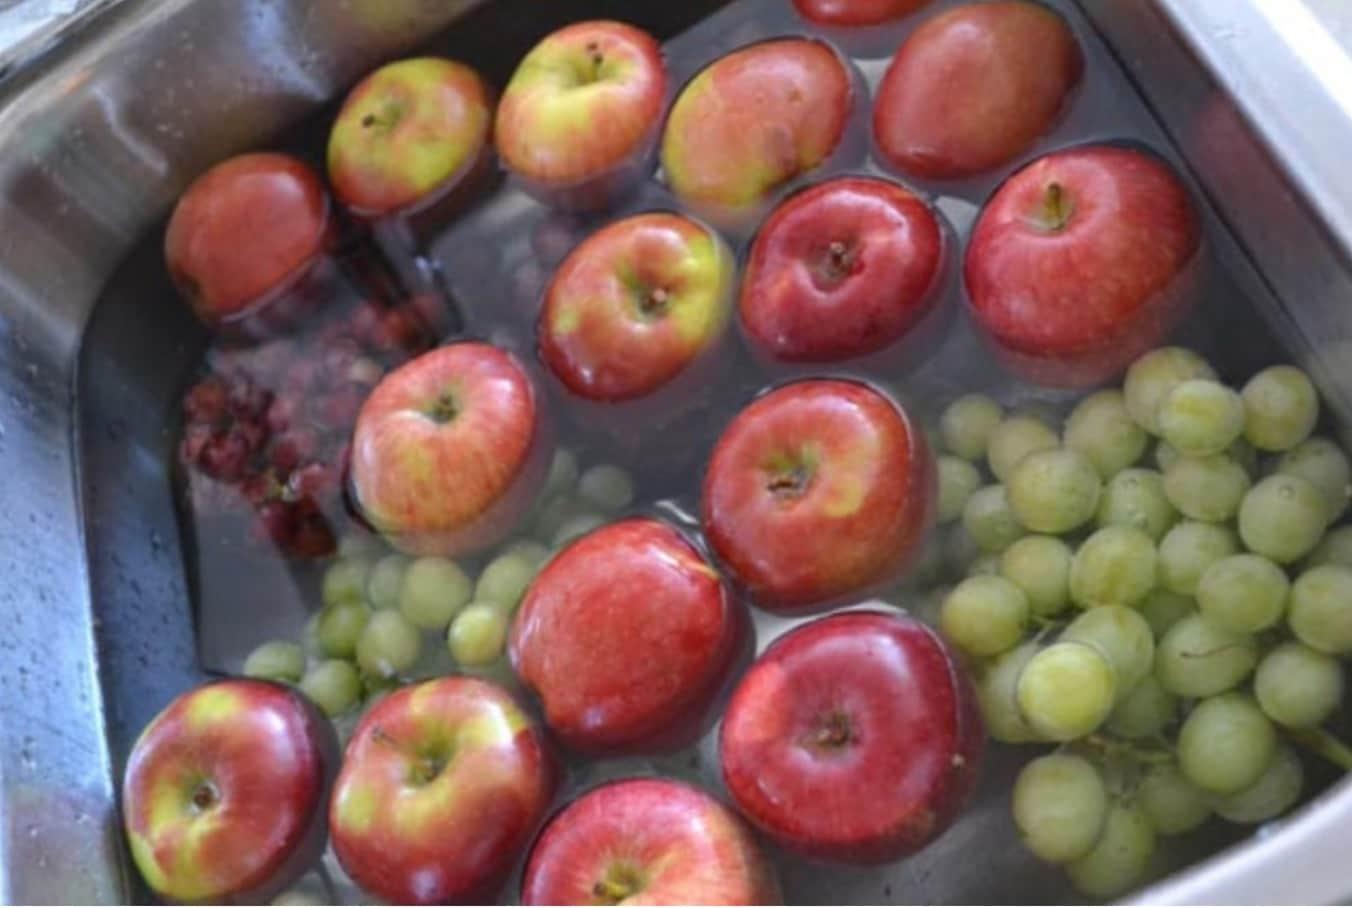 12 Daha Uzun Süre Korumak Için Meyve Yıkayın